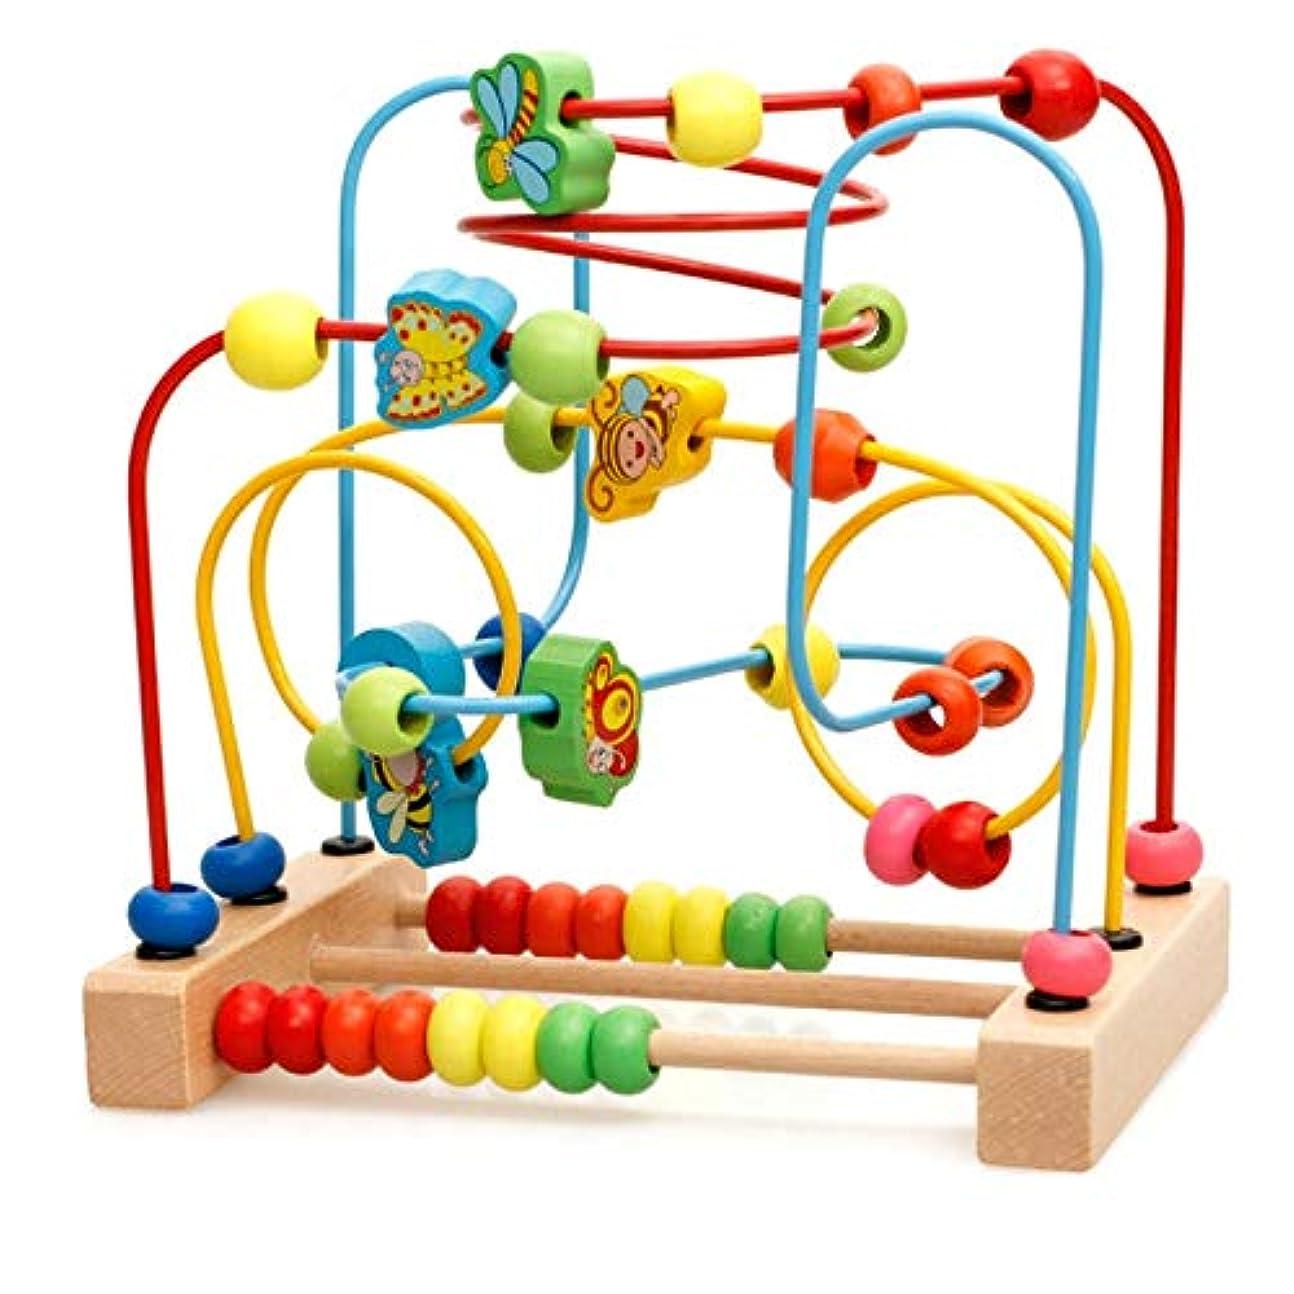 添加剤空虚ホットファイン 木製ビーズ迷路、木製の赤ちゃん幼児のおもちゃ、子供の教育ビーズ迷路の形の子供たちのために適した木製ミニビーズ迷路ローラーコースターパズル子供のパズル あどけないです (Color : Multi-colored)